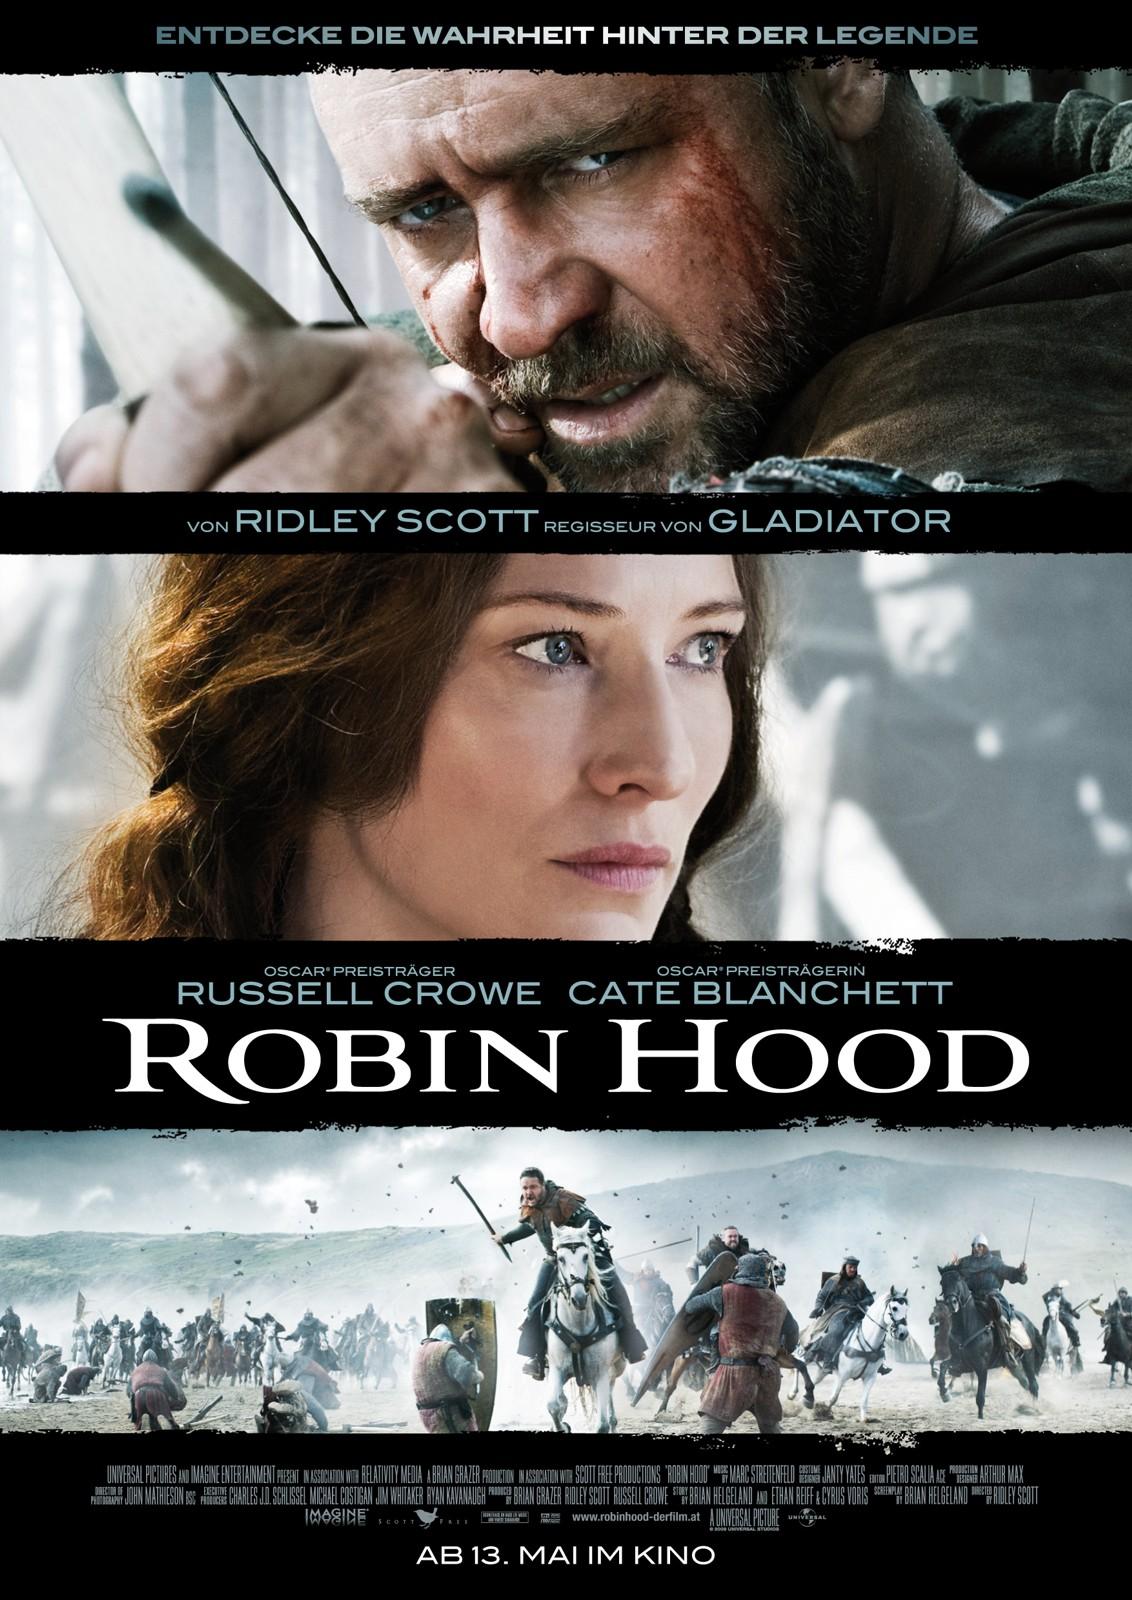 http://4.bp.blogspot.com/--EywfWoZPqQ/TkS1mkCX0yI/AAAAAAAALnQ/cy_dO4RMTYc/s1600/2010_Robin_Hood_Afiche.jpg